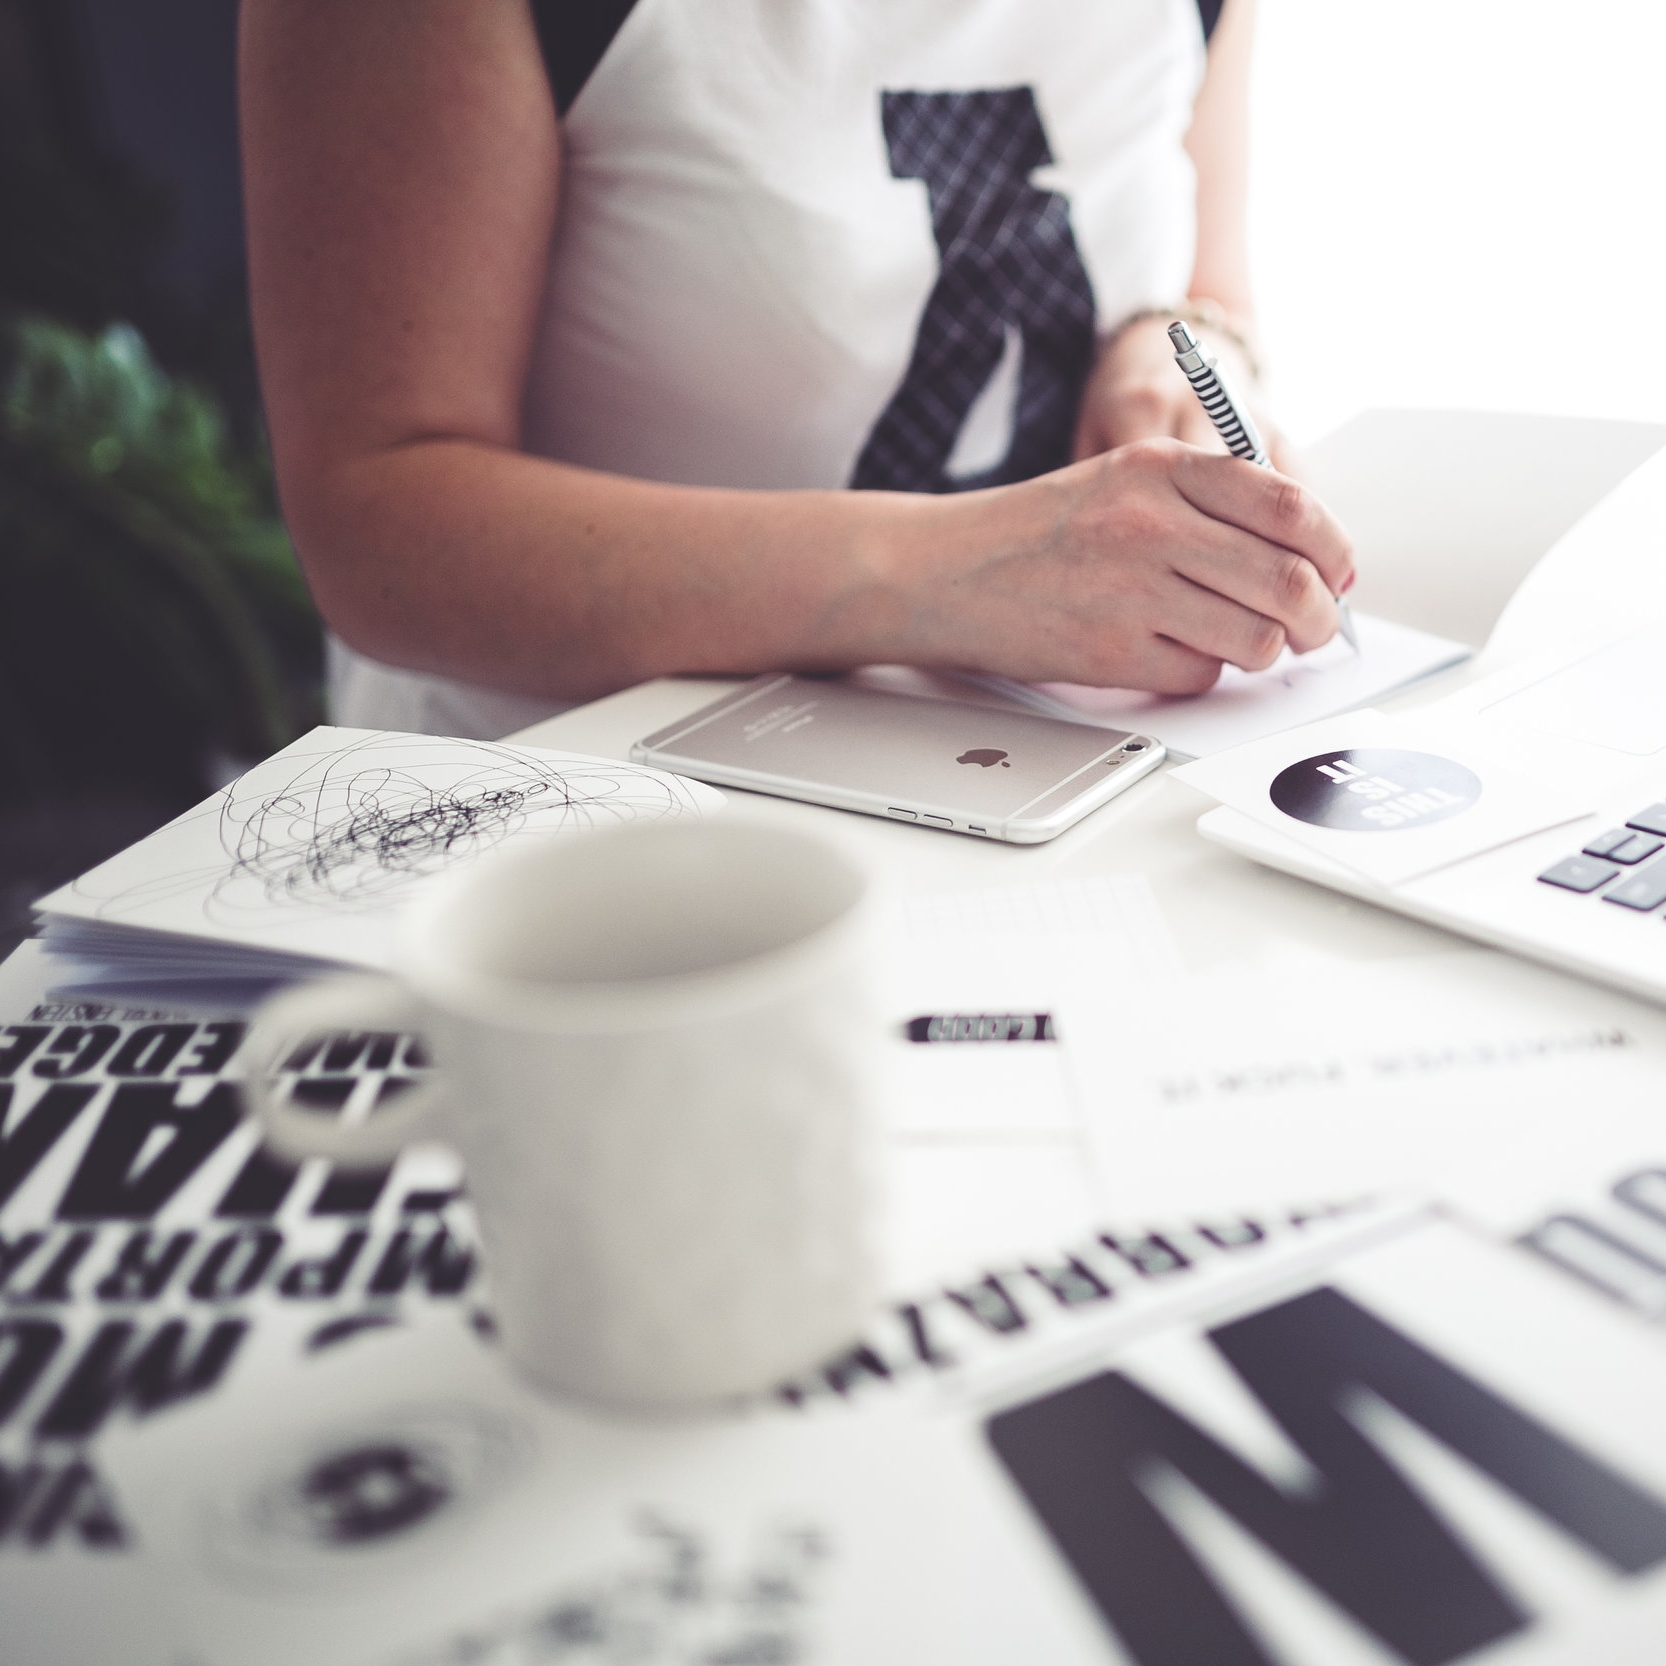 lmd-designs-branding